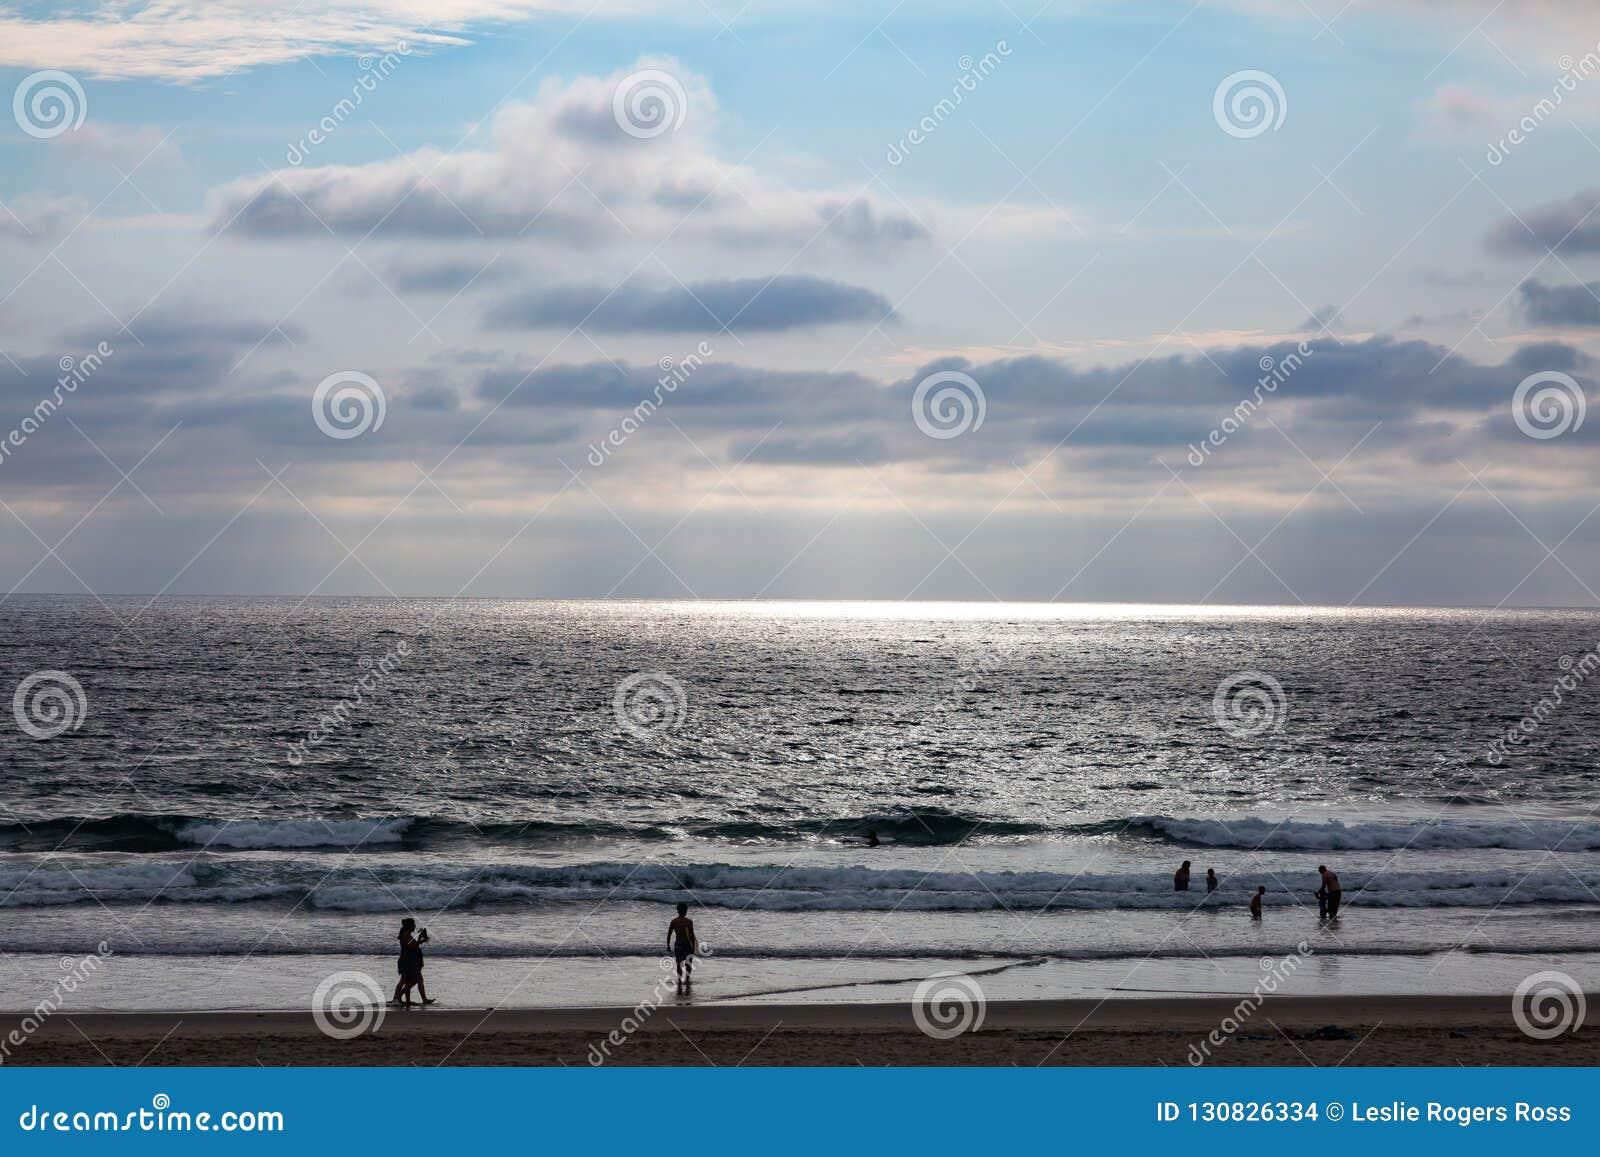 Sun irradia a través de una nube y crea el proyector del océano